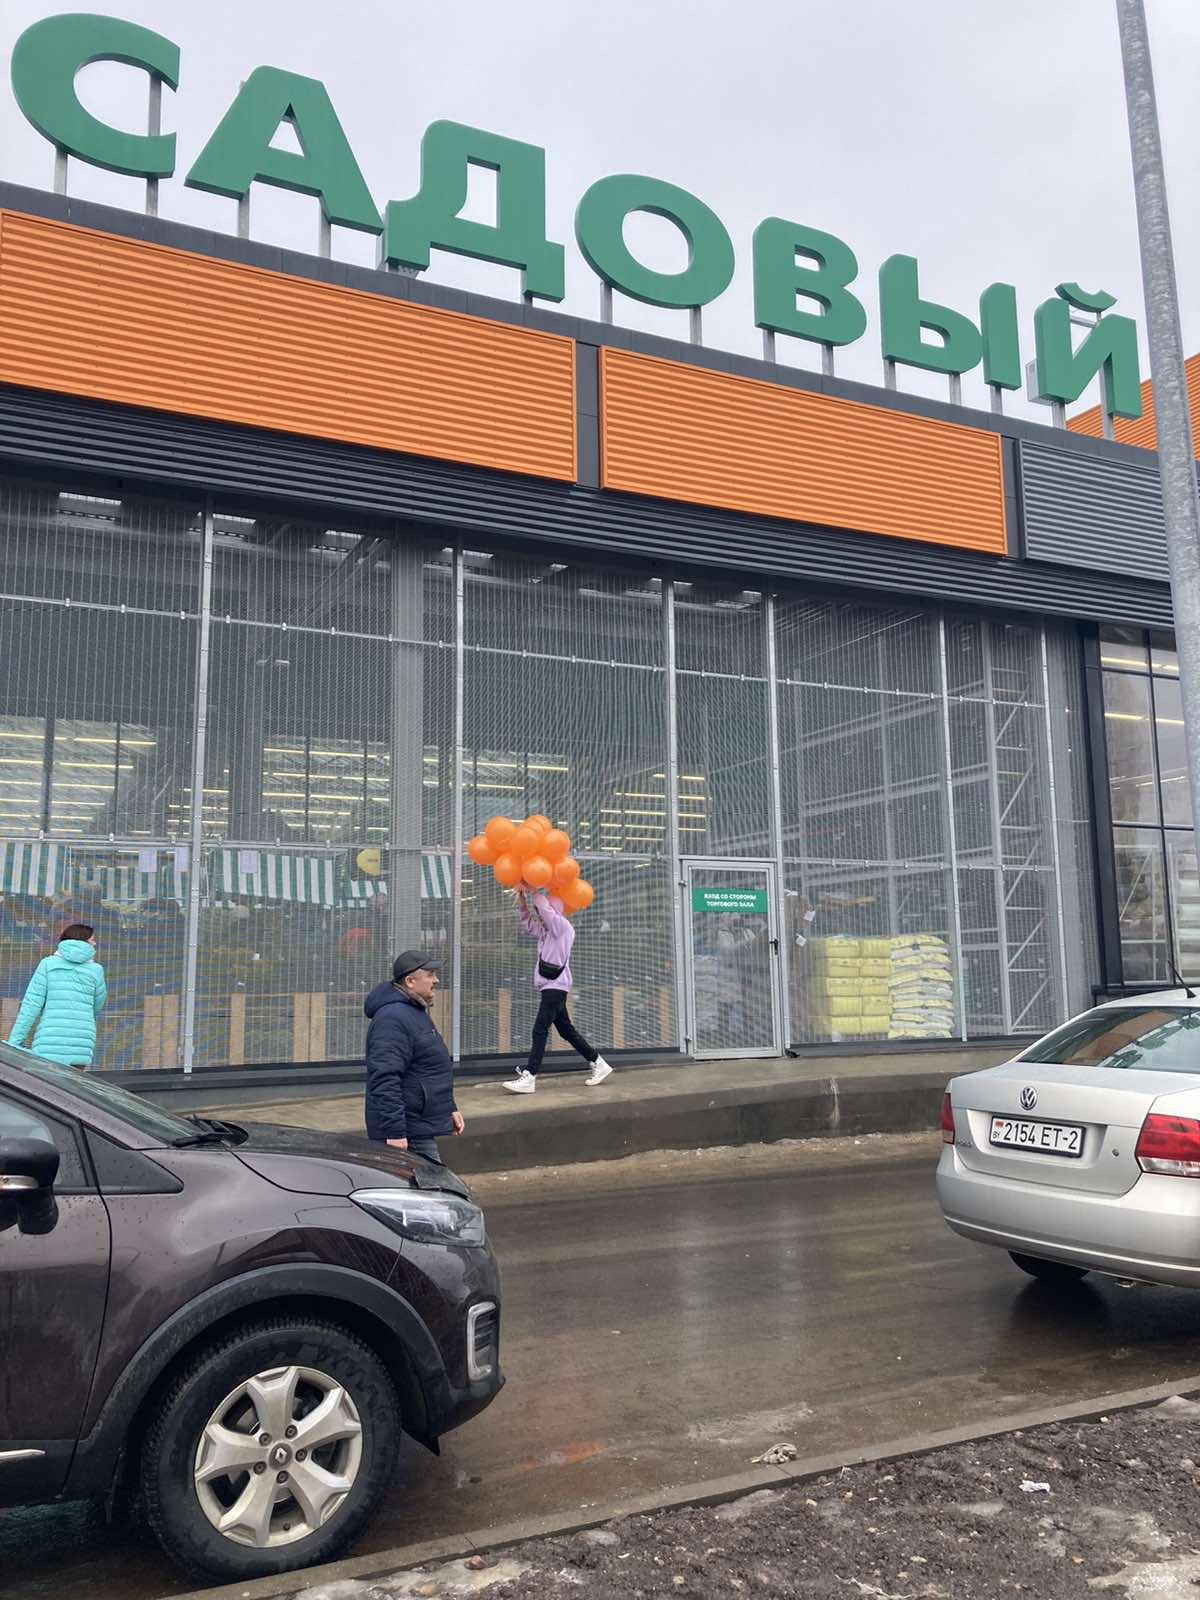 10000 квадратных метров: огромный «Материк» открылся в Билево